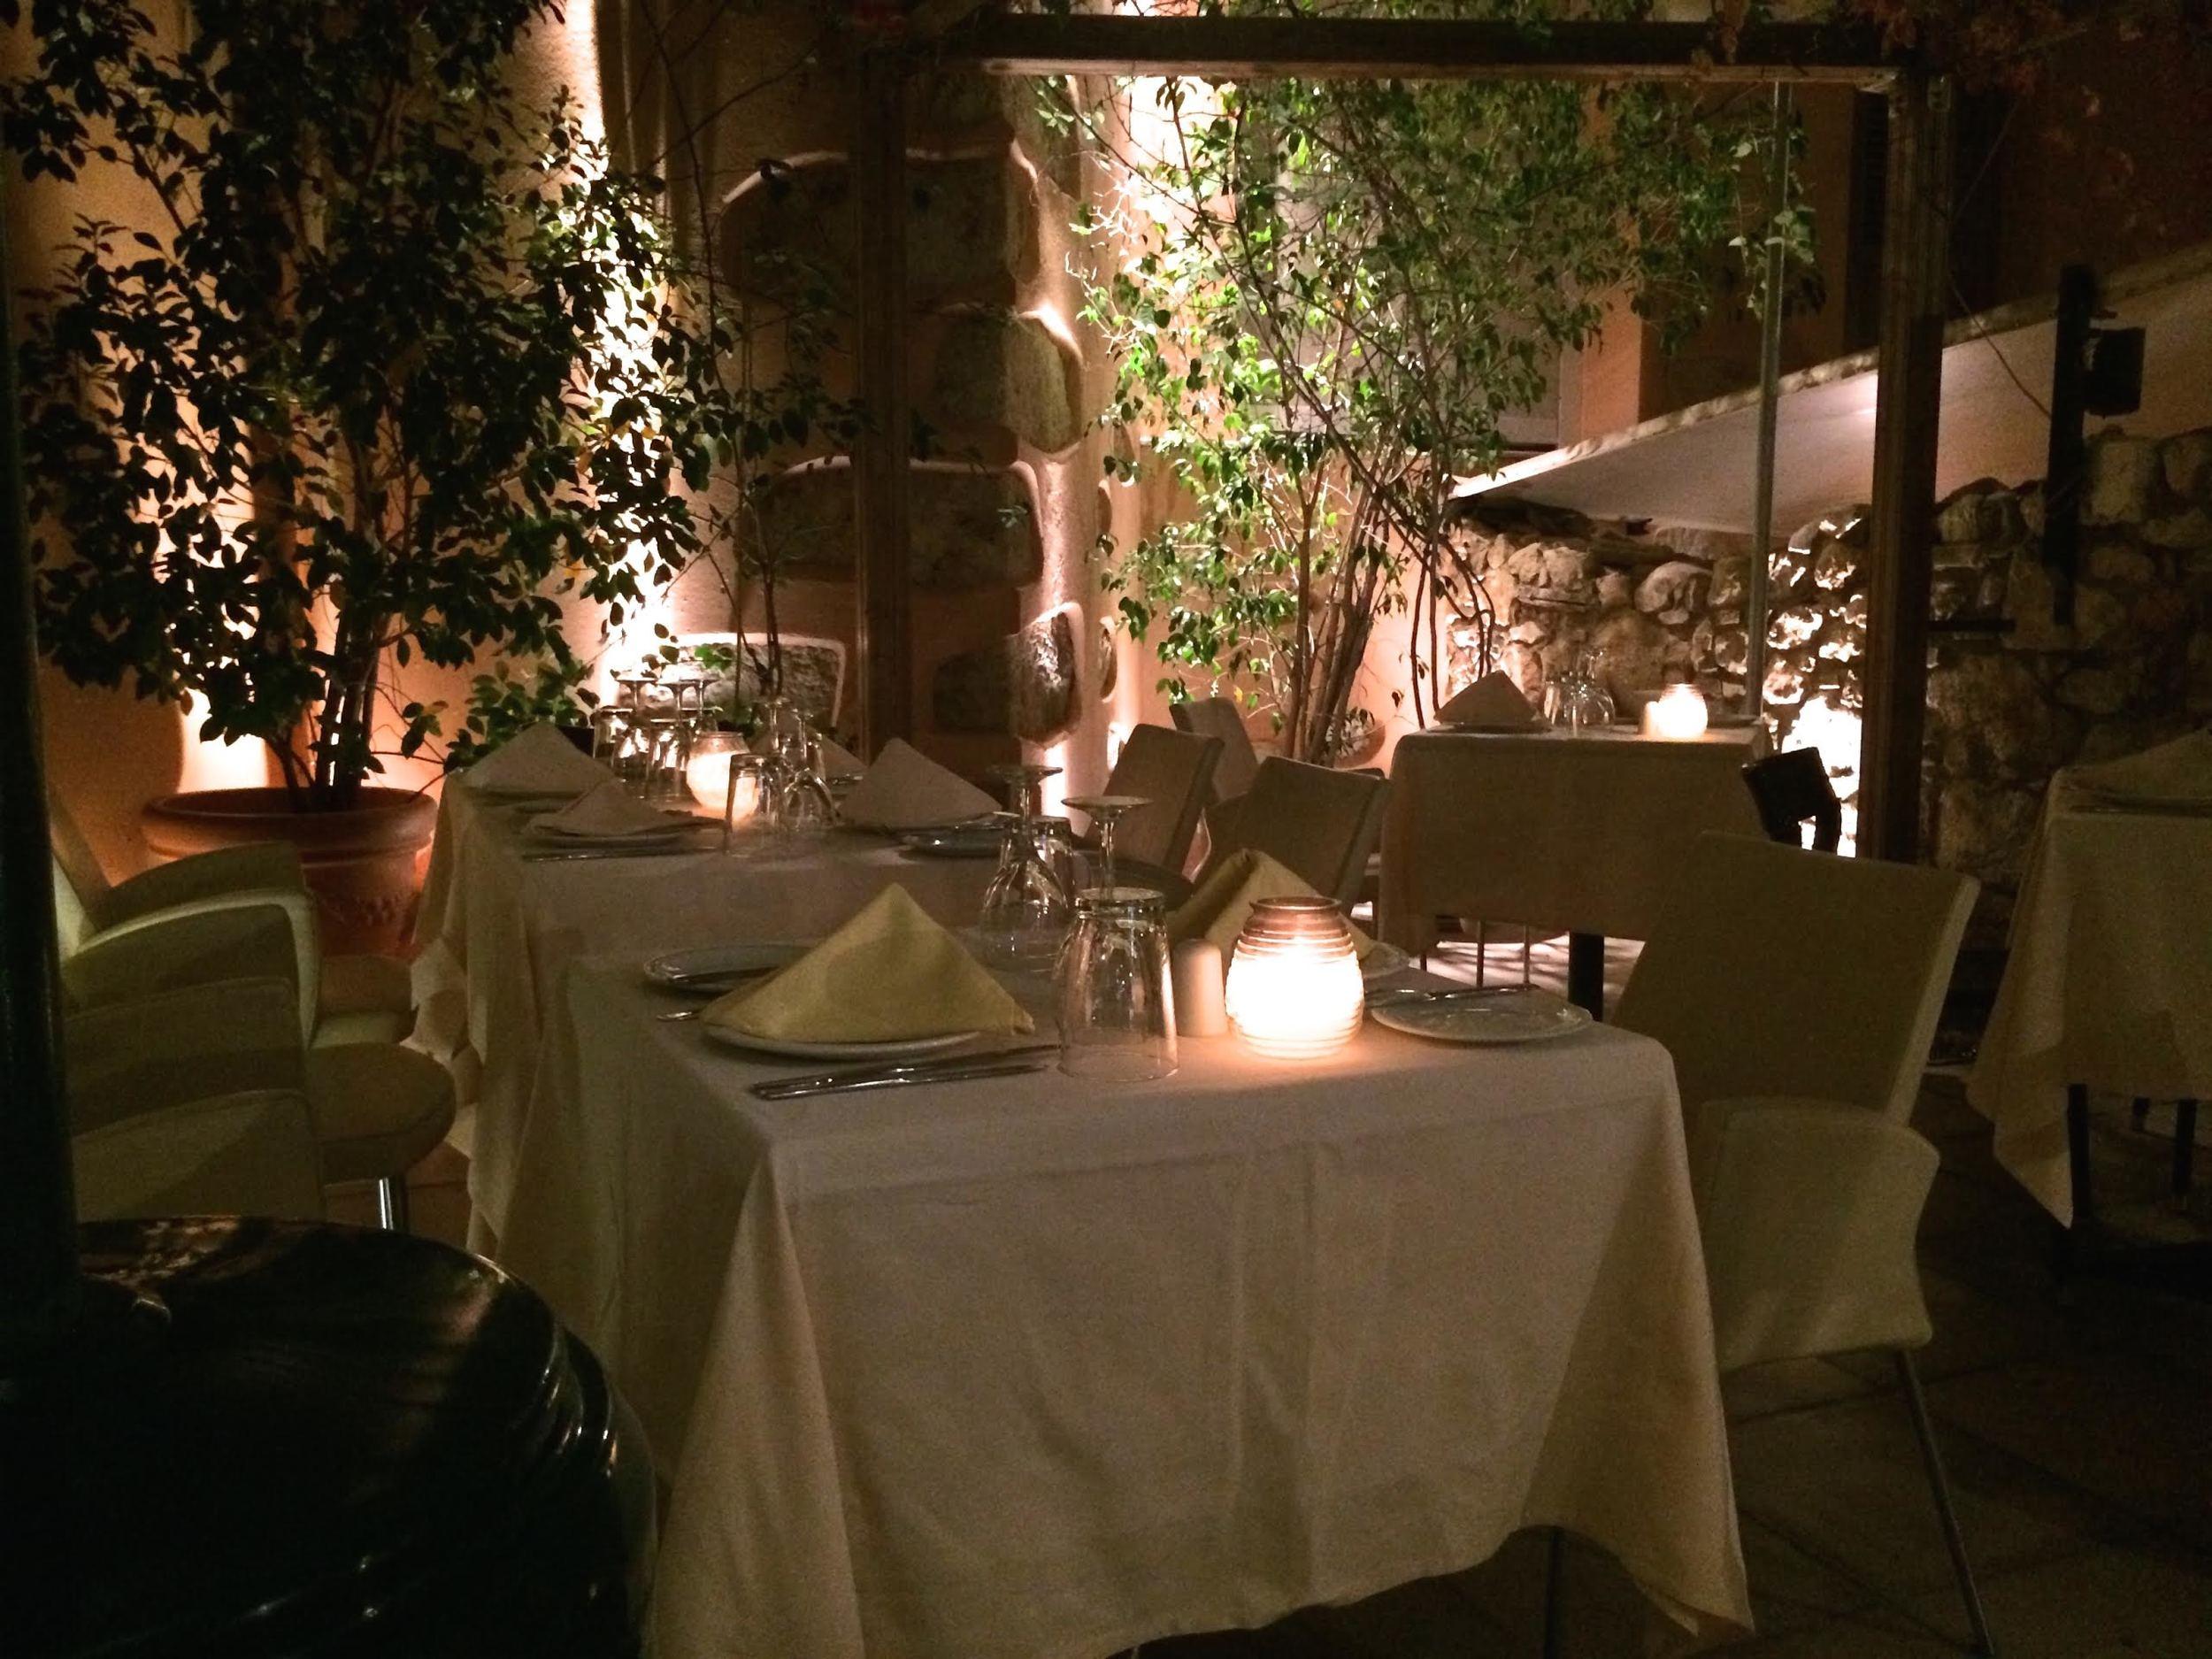 Taverna-photo-3-.jpg